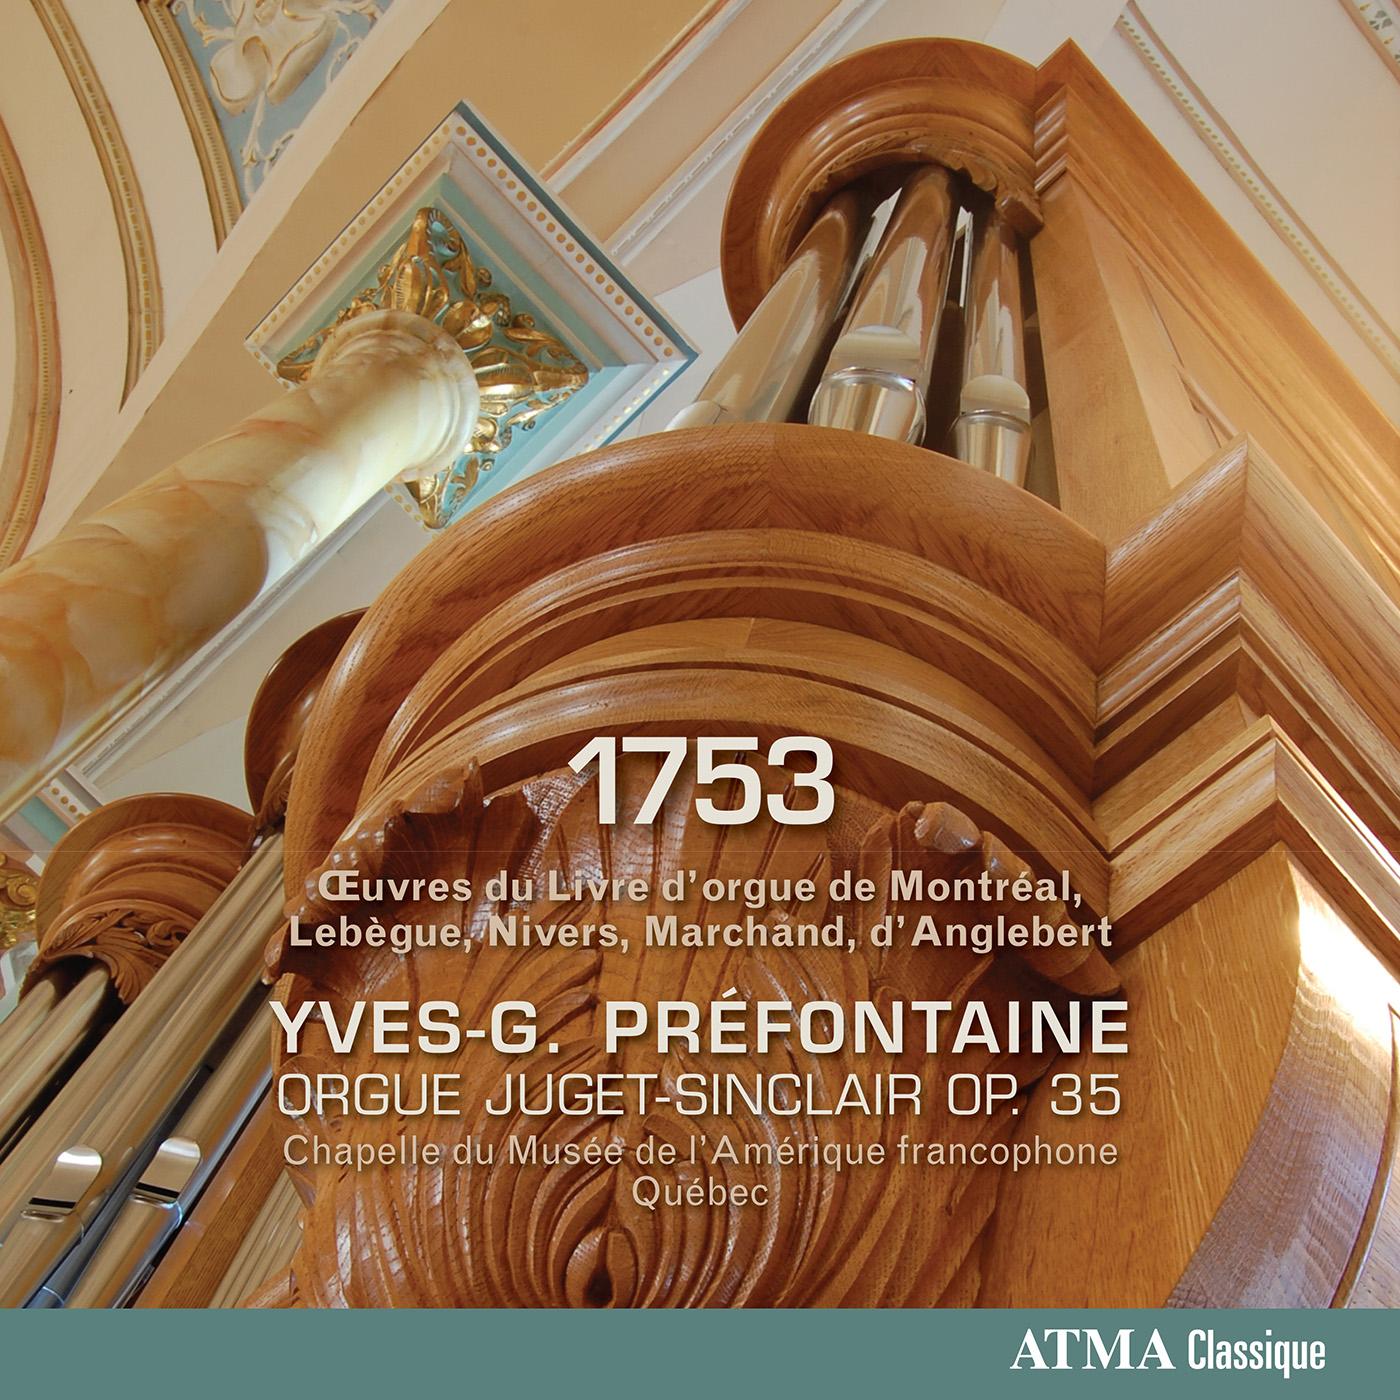 1753: Œuvres du livre d'orgue de Montréal, Lebègue, Nivers, Marchand et d'Anglebert